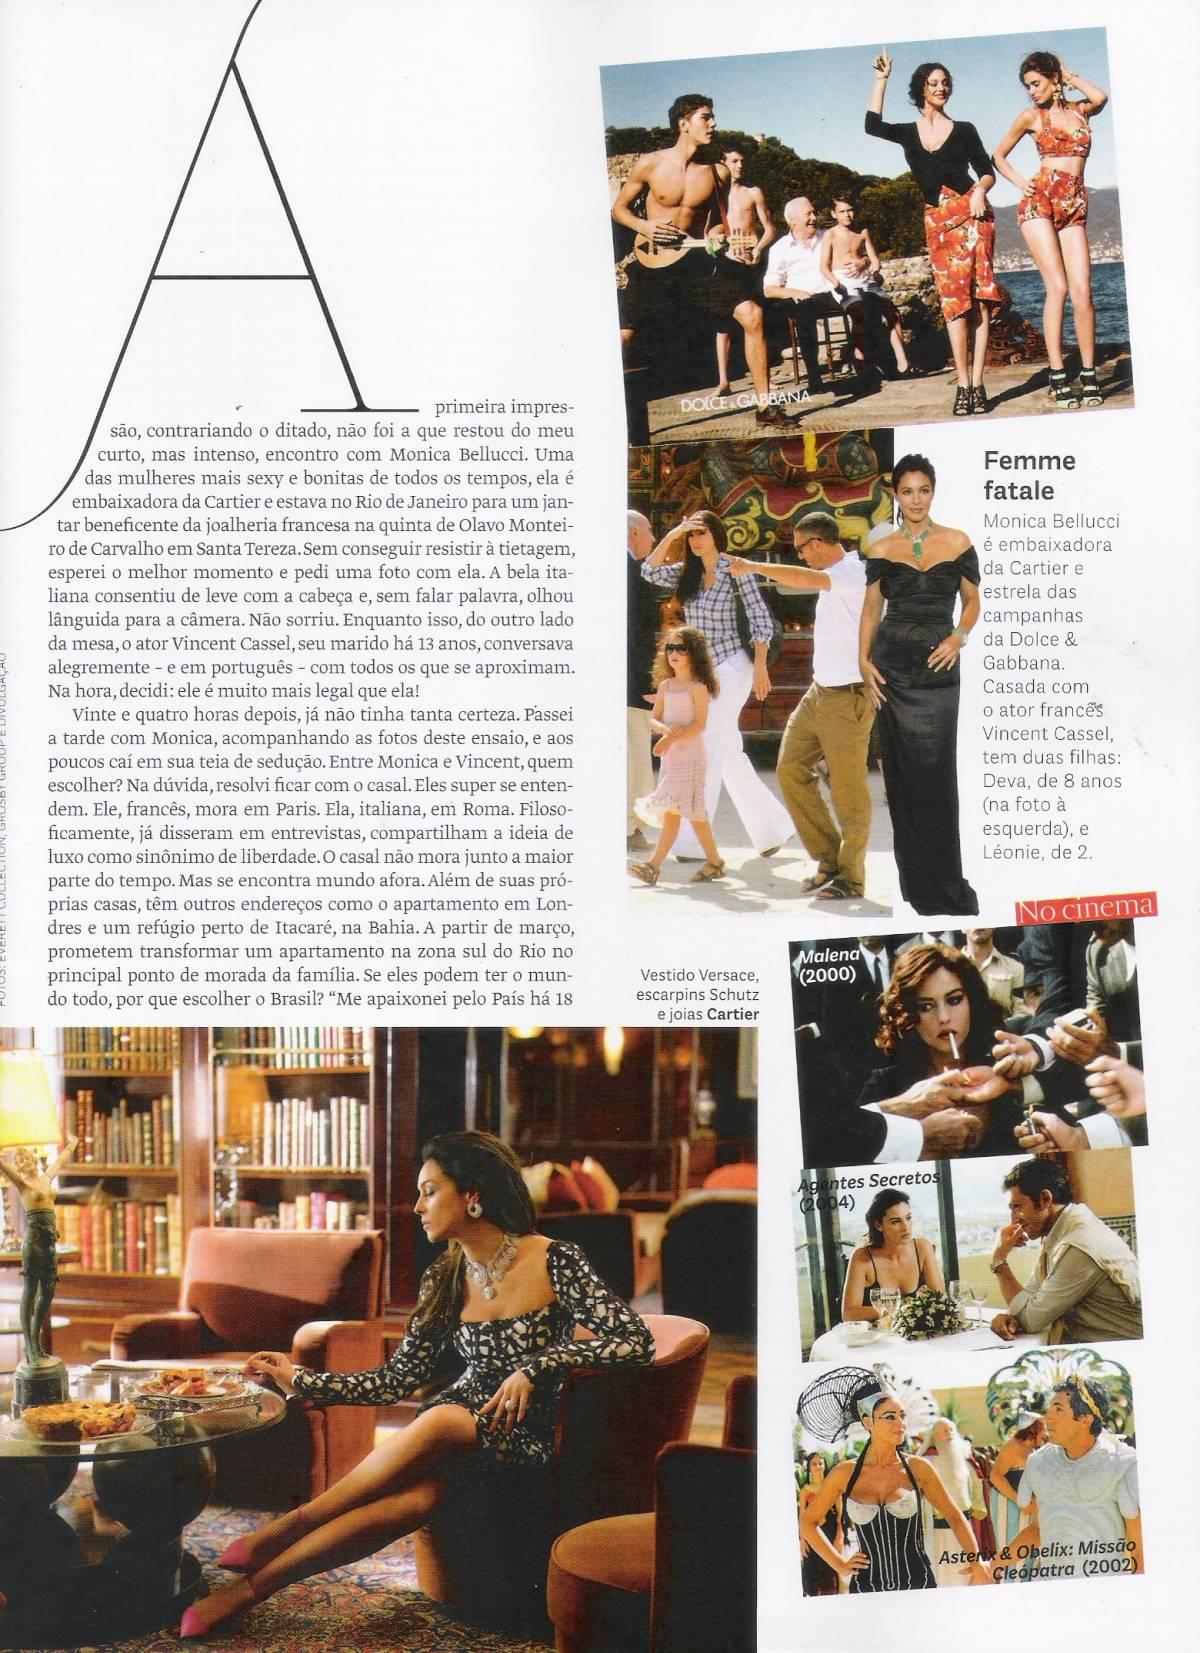 Vogue_Brasil_Janeiro2013_Monica_Bellucci_ph_JRDuran (3)